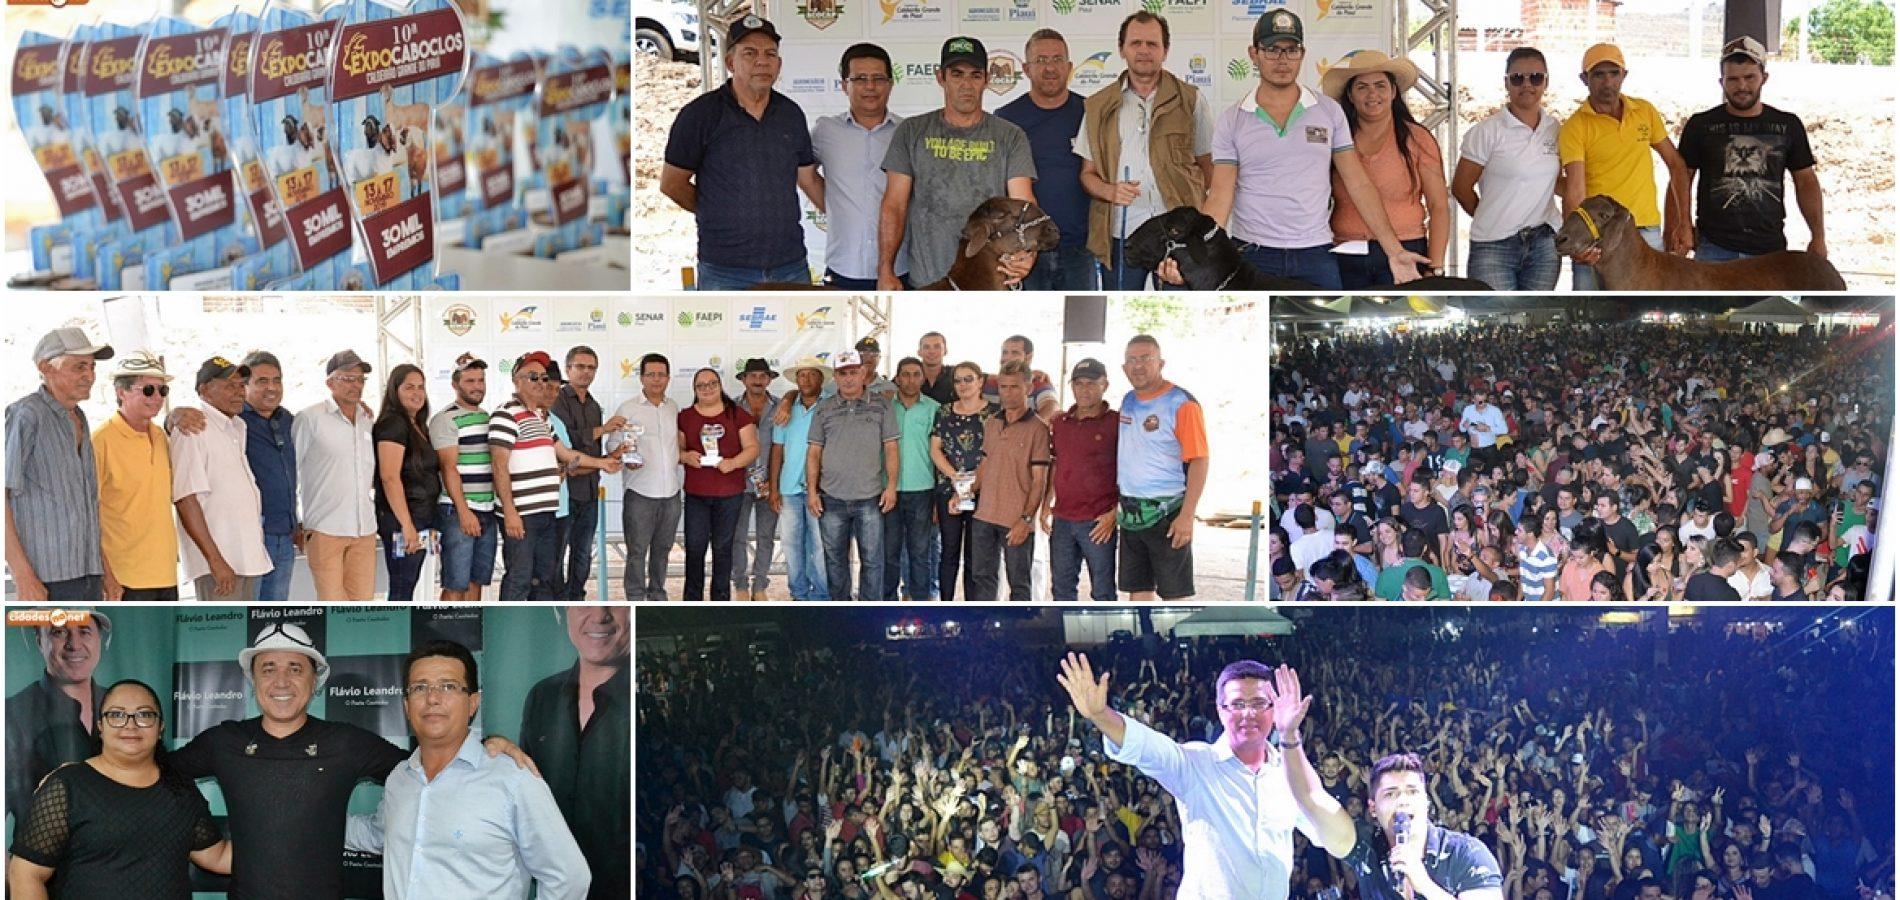 CALDEIRÃO | Confira fotos do 3 º dia de shows e premiação da X ExpoCaboclos